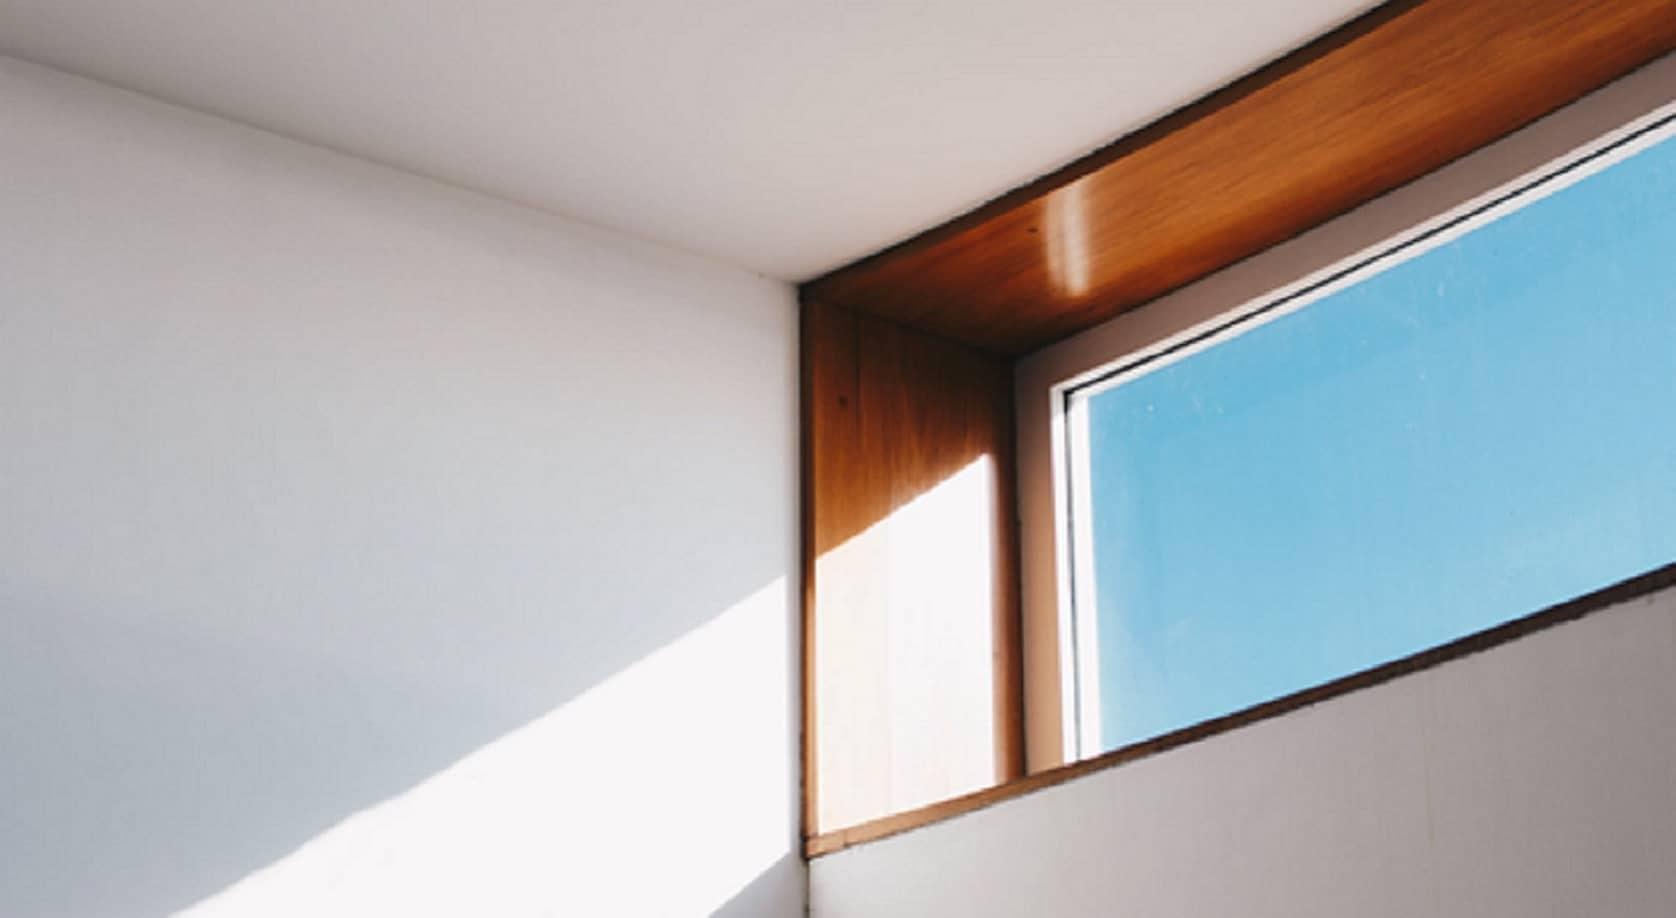 Crédit d'impôt pour les fenêtres : c'est la fin